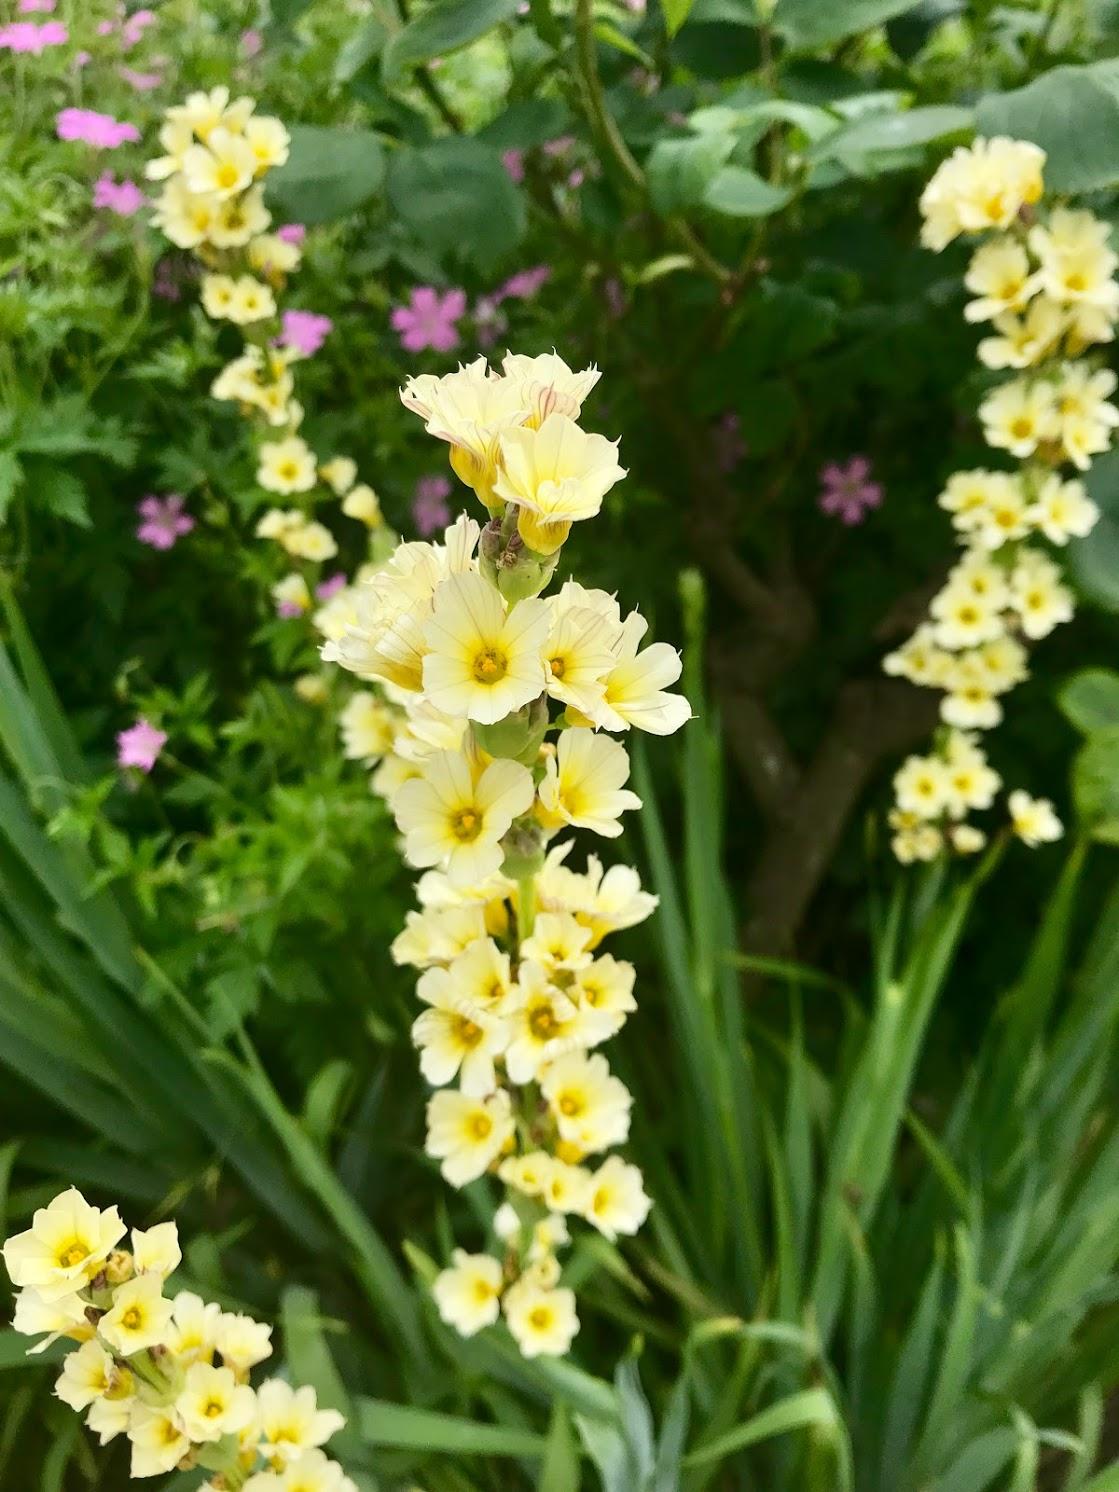 hyde park yellow flowers.jpg